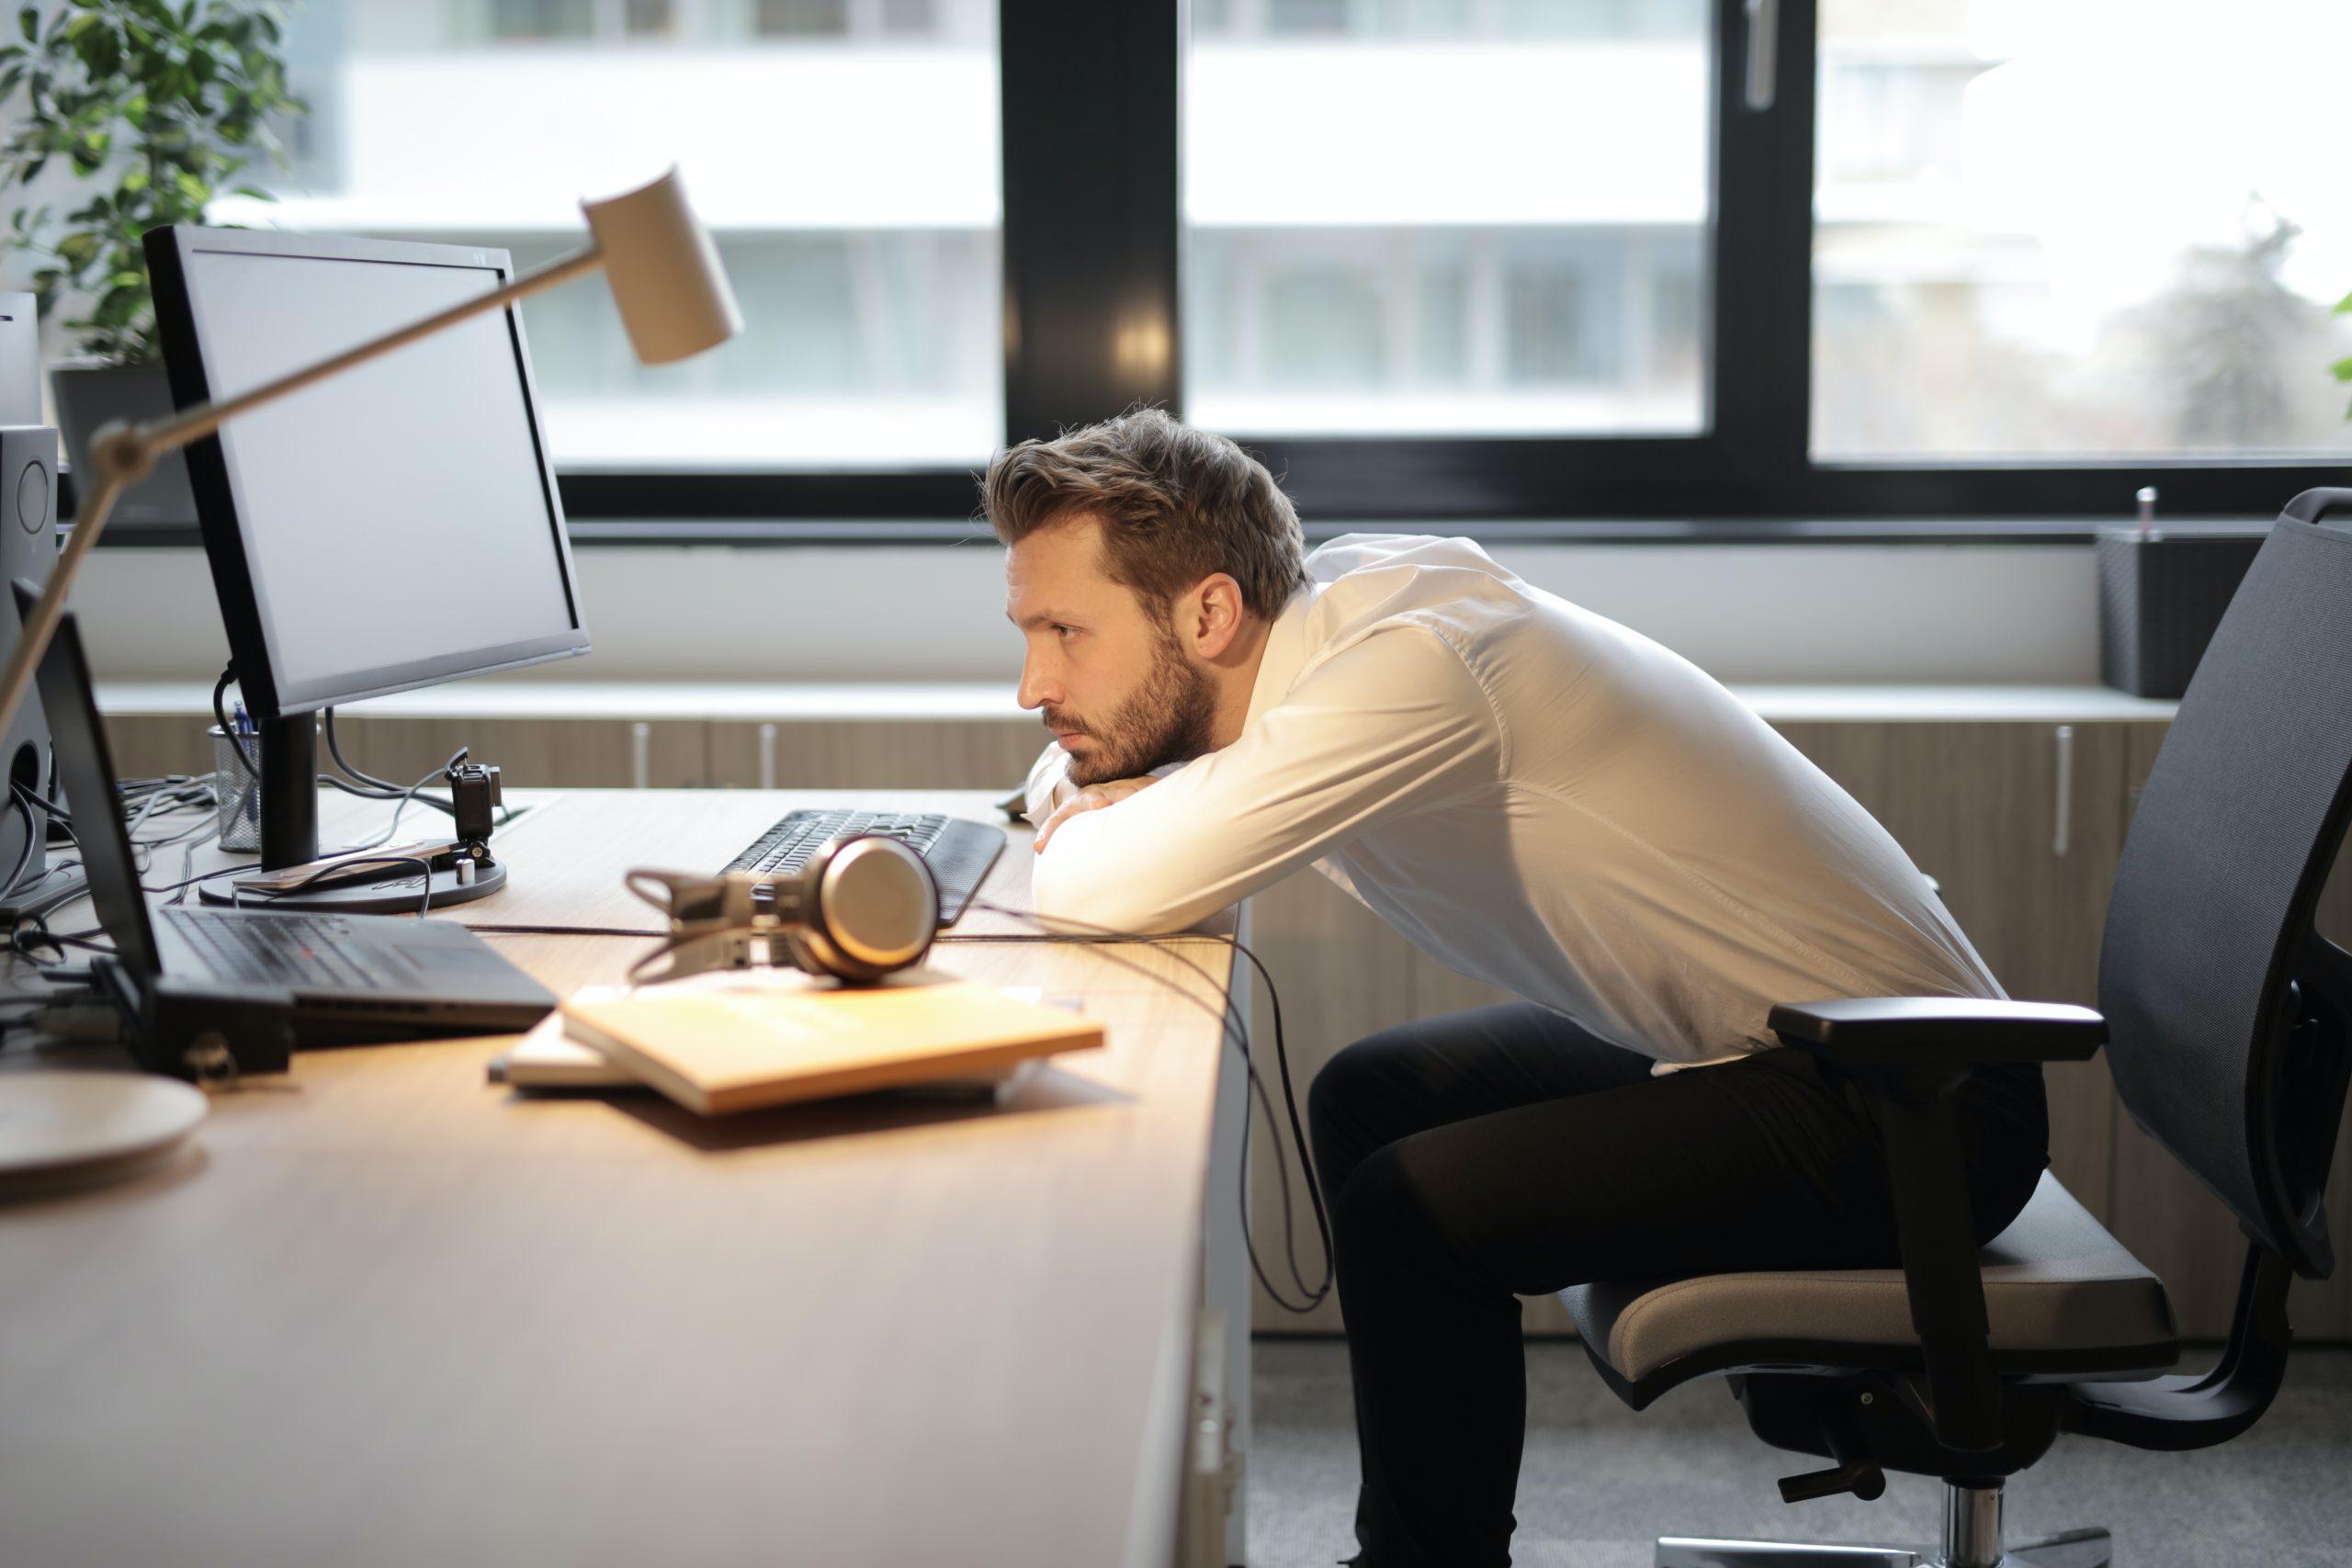 新卒でも仕事に疲れすぎて限界なら辞めていい